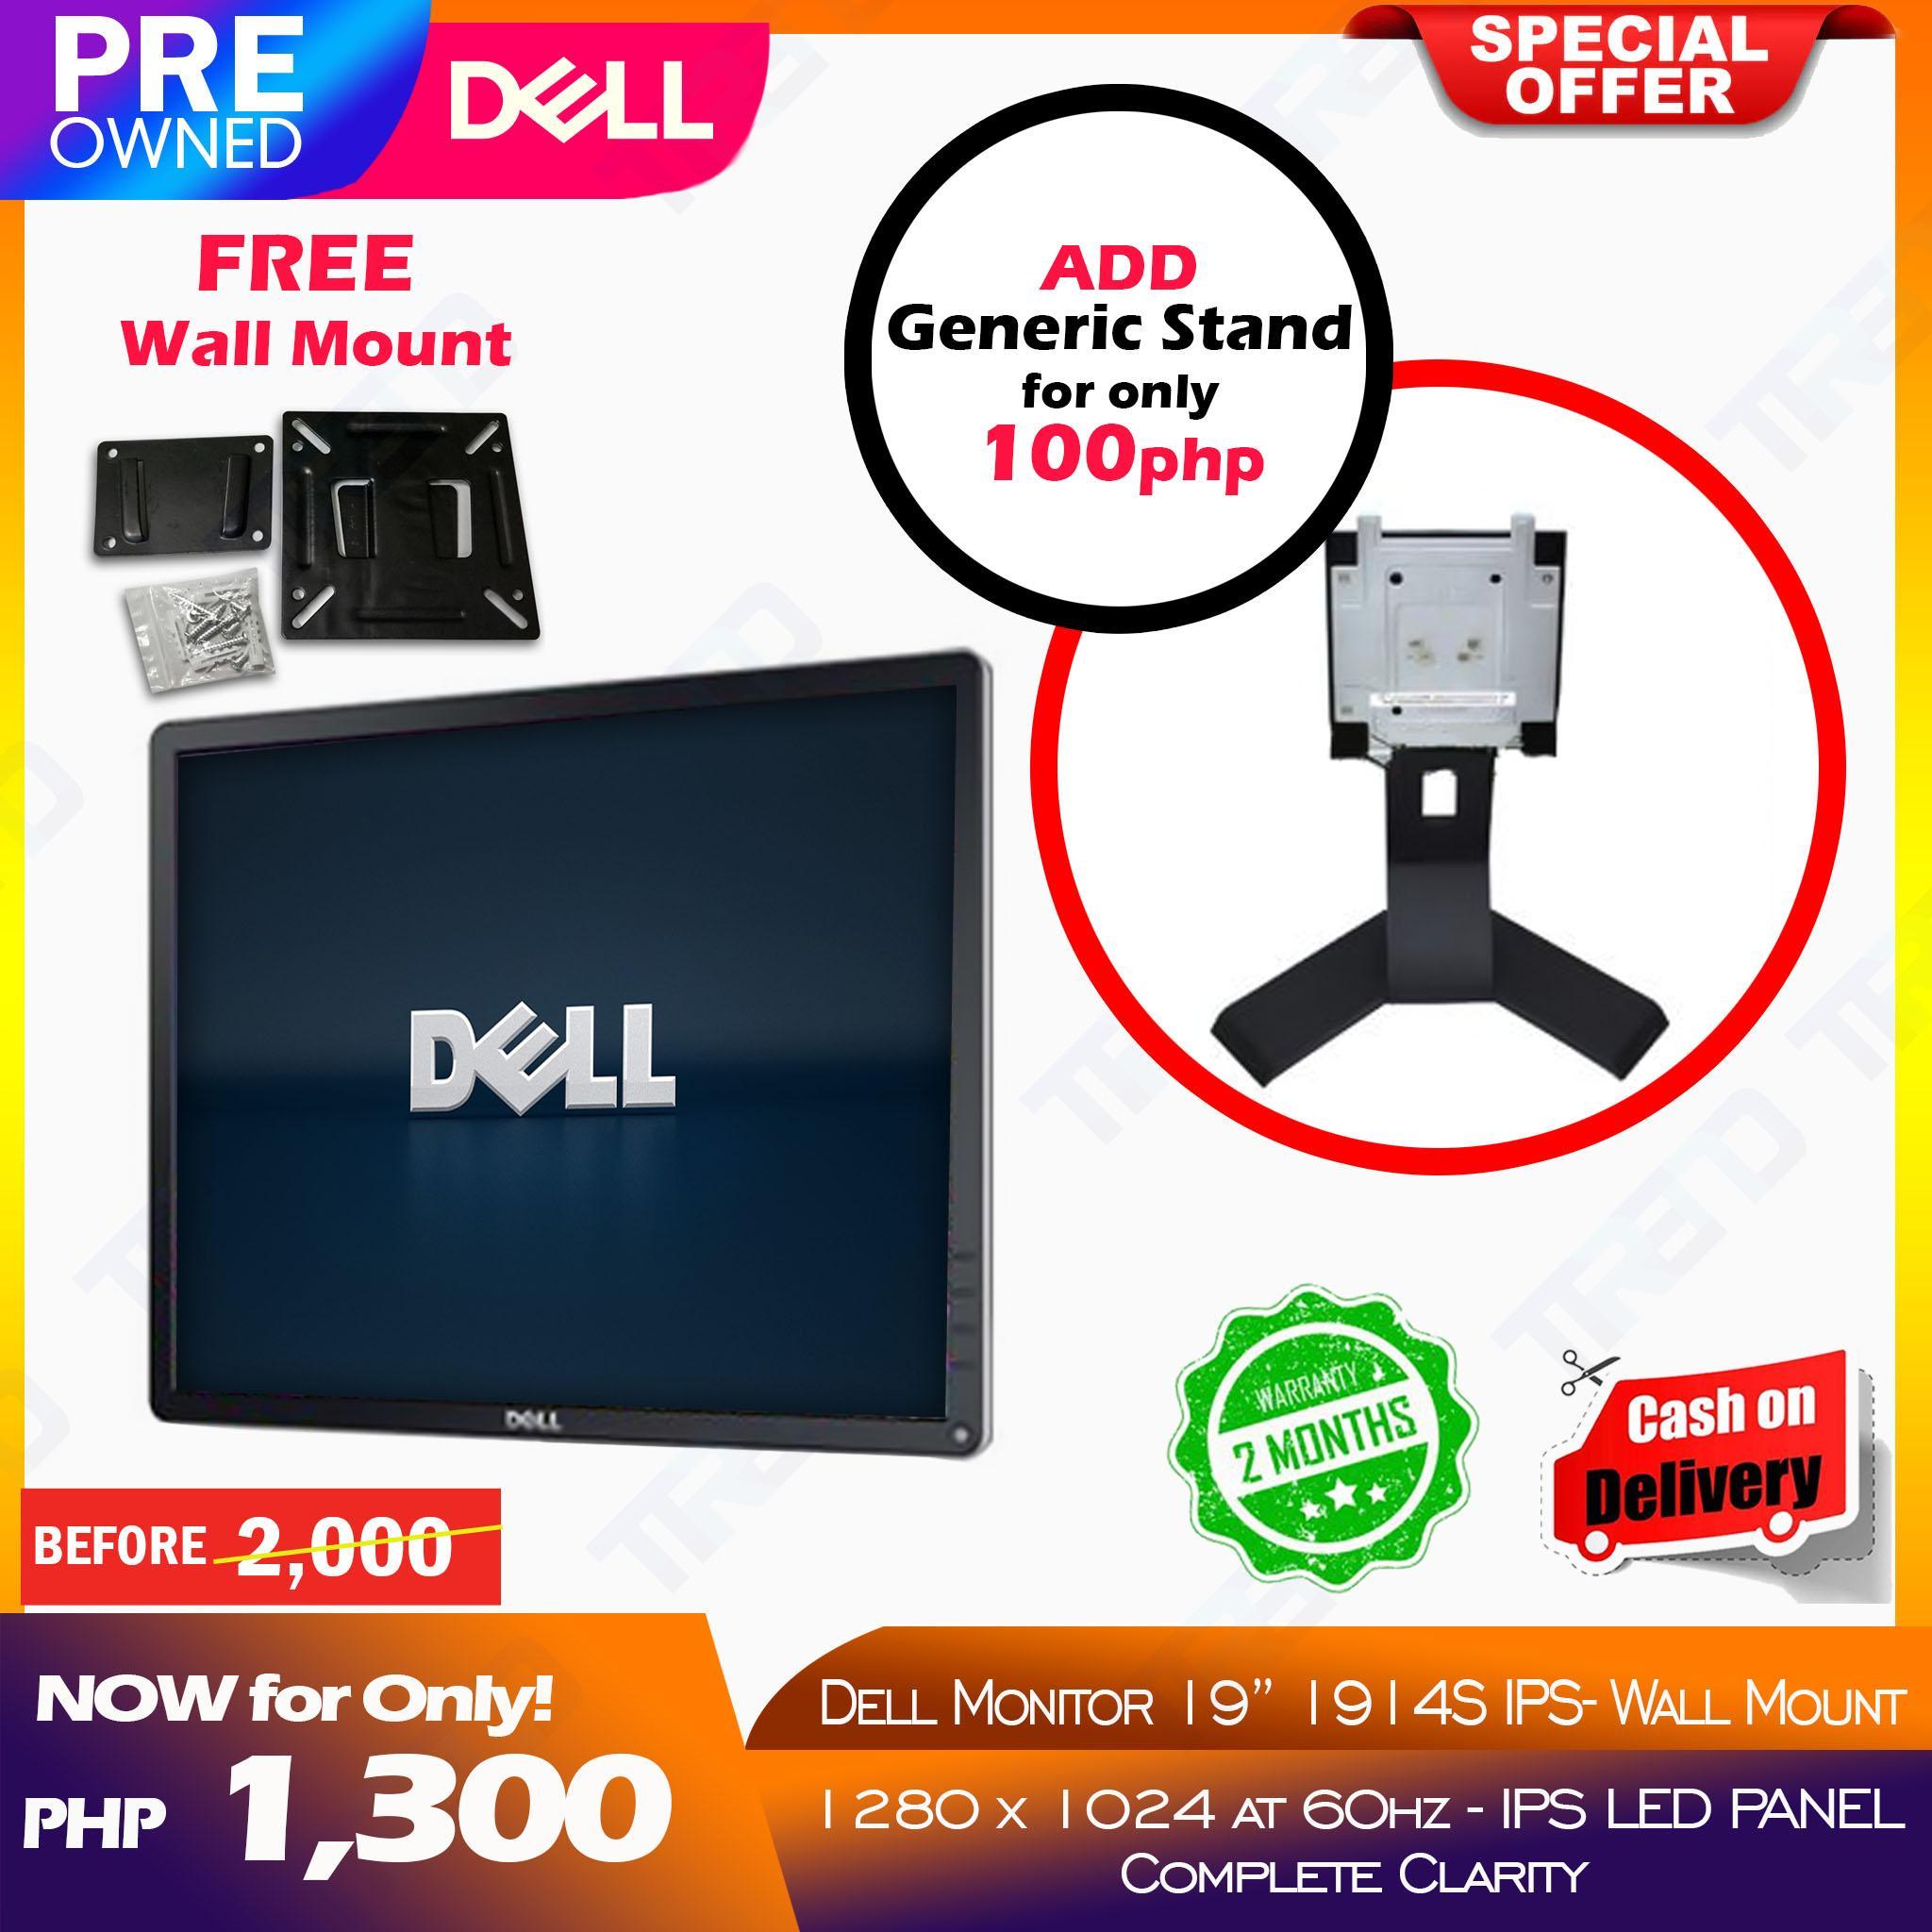 Dell Rev Aoo Monitor Specs